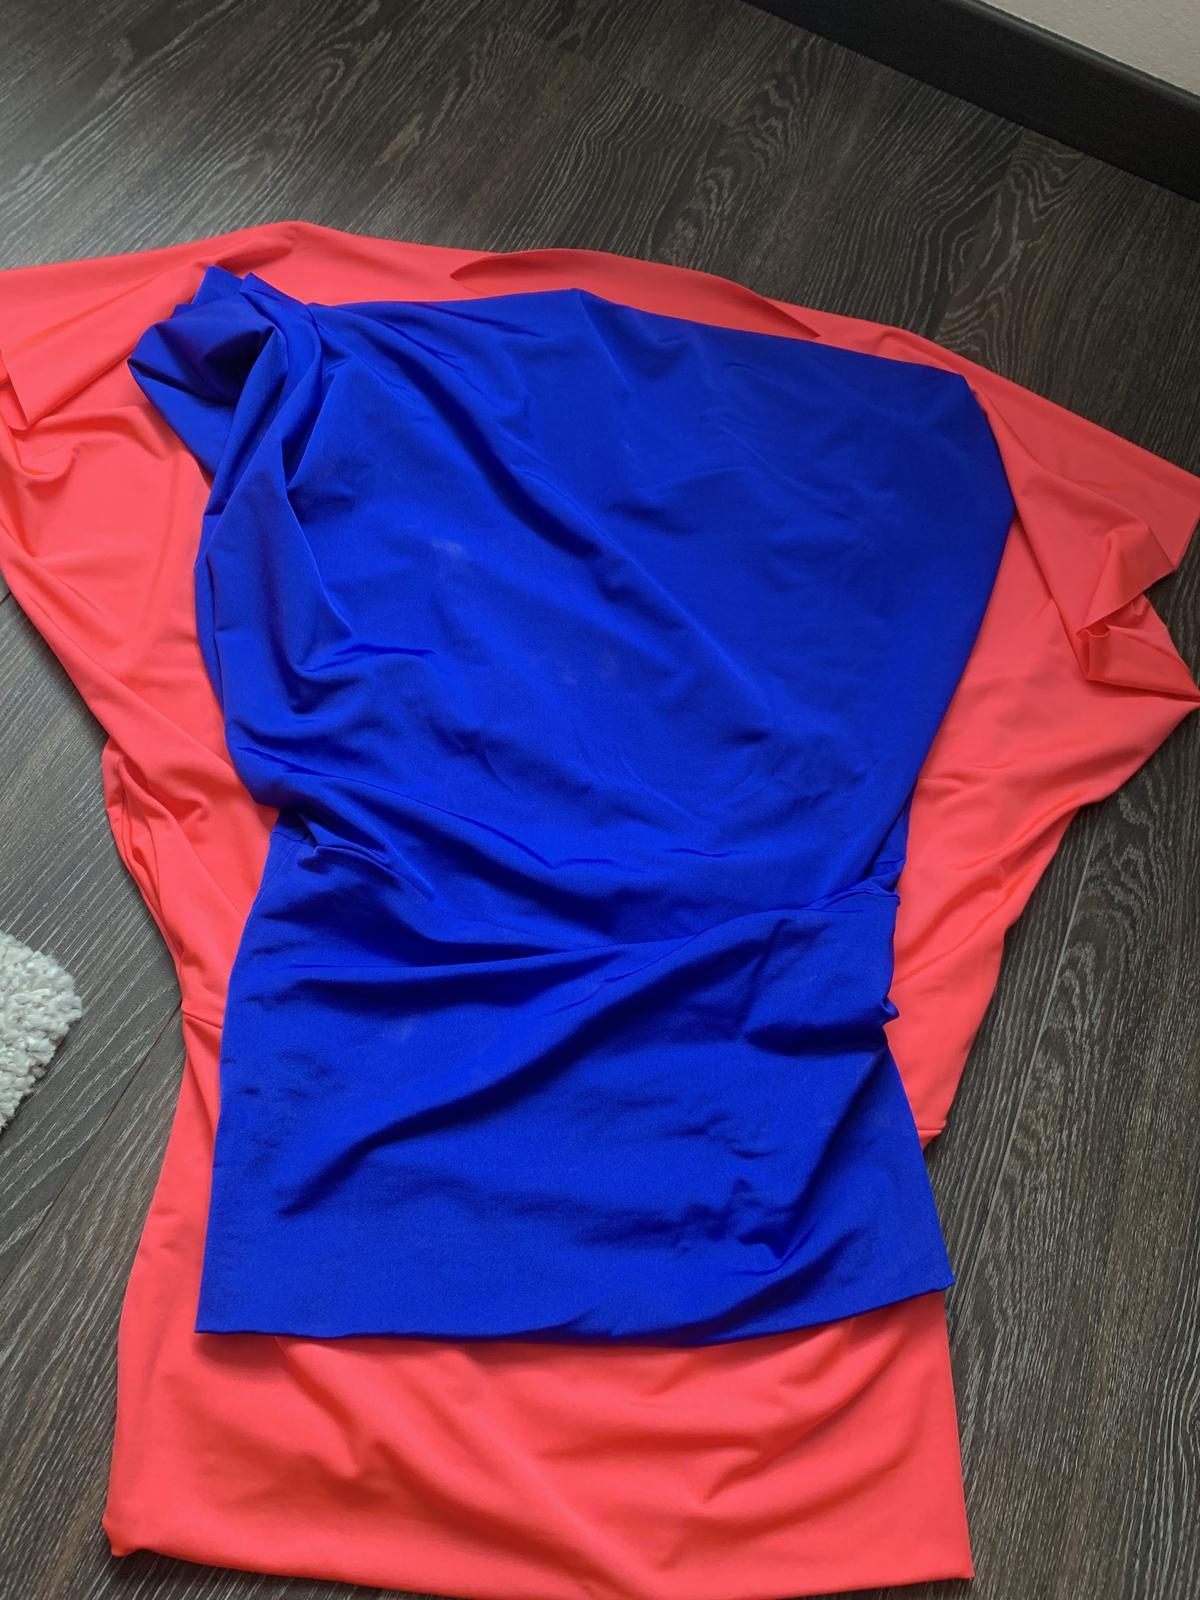 Sametové šaty - Obrázok č. 3